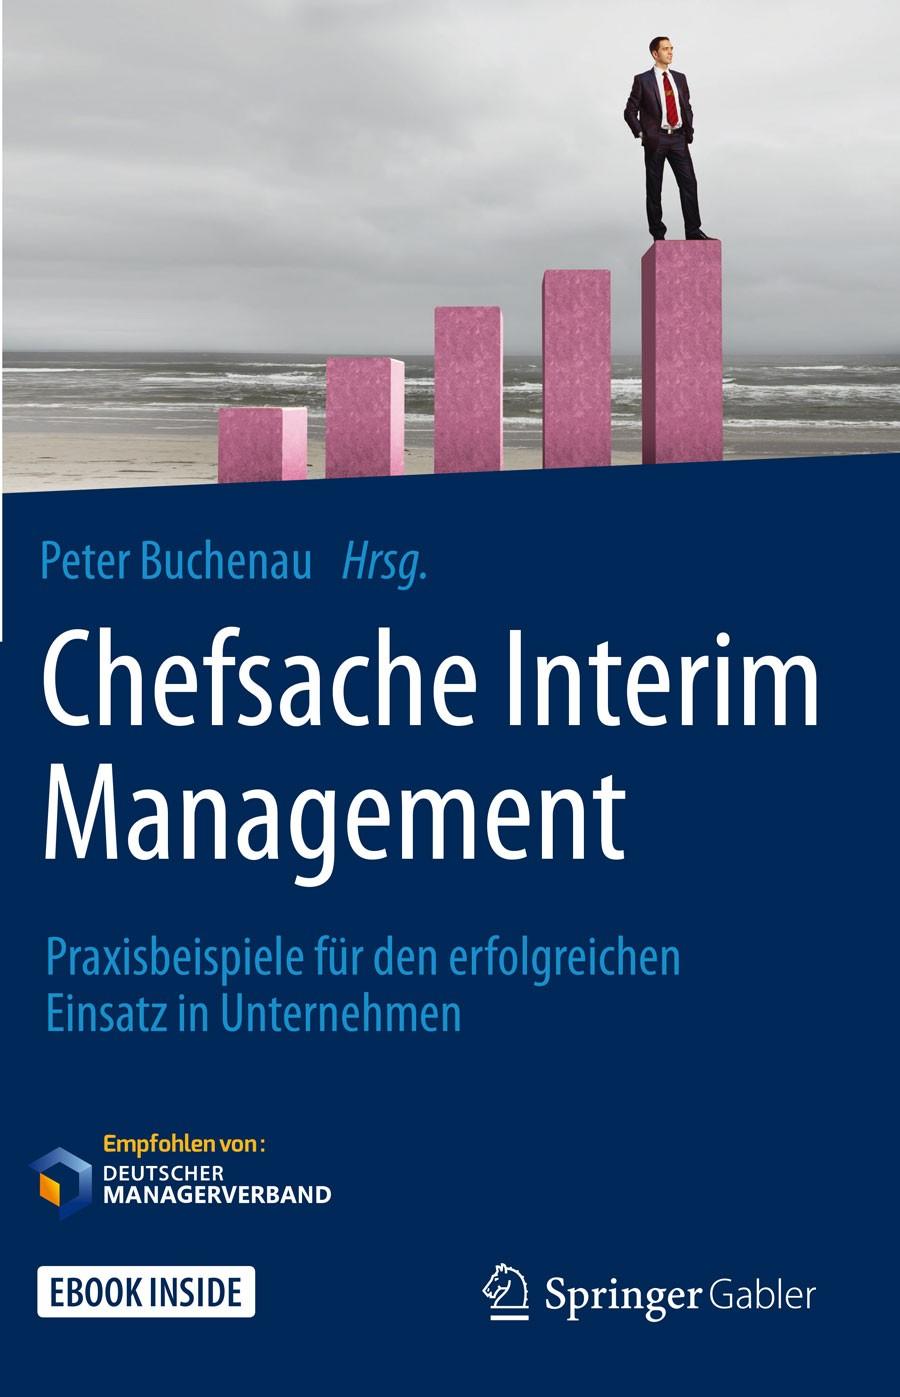 Agiler B2B-Vertrieb im Zeitalter der Digitalisierung - Ralf Komor - Executive Interim Manager